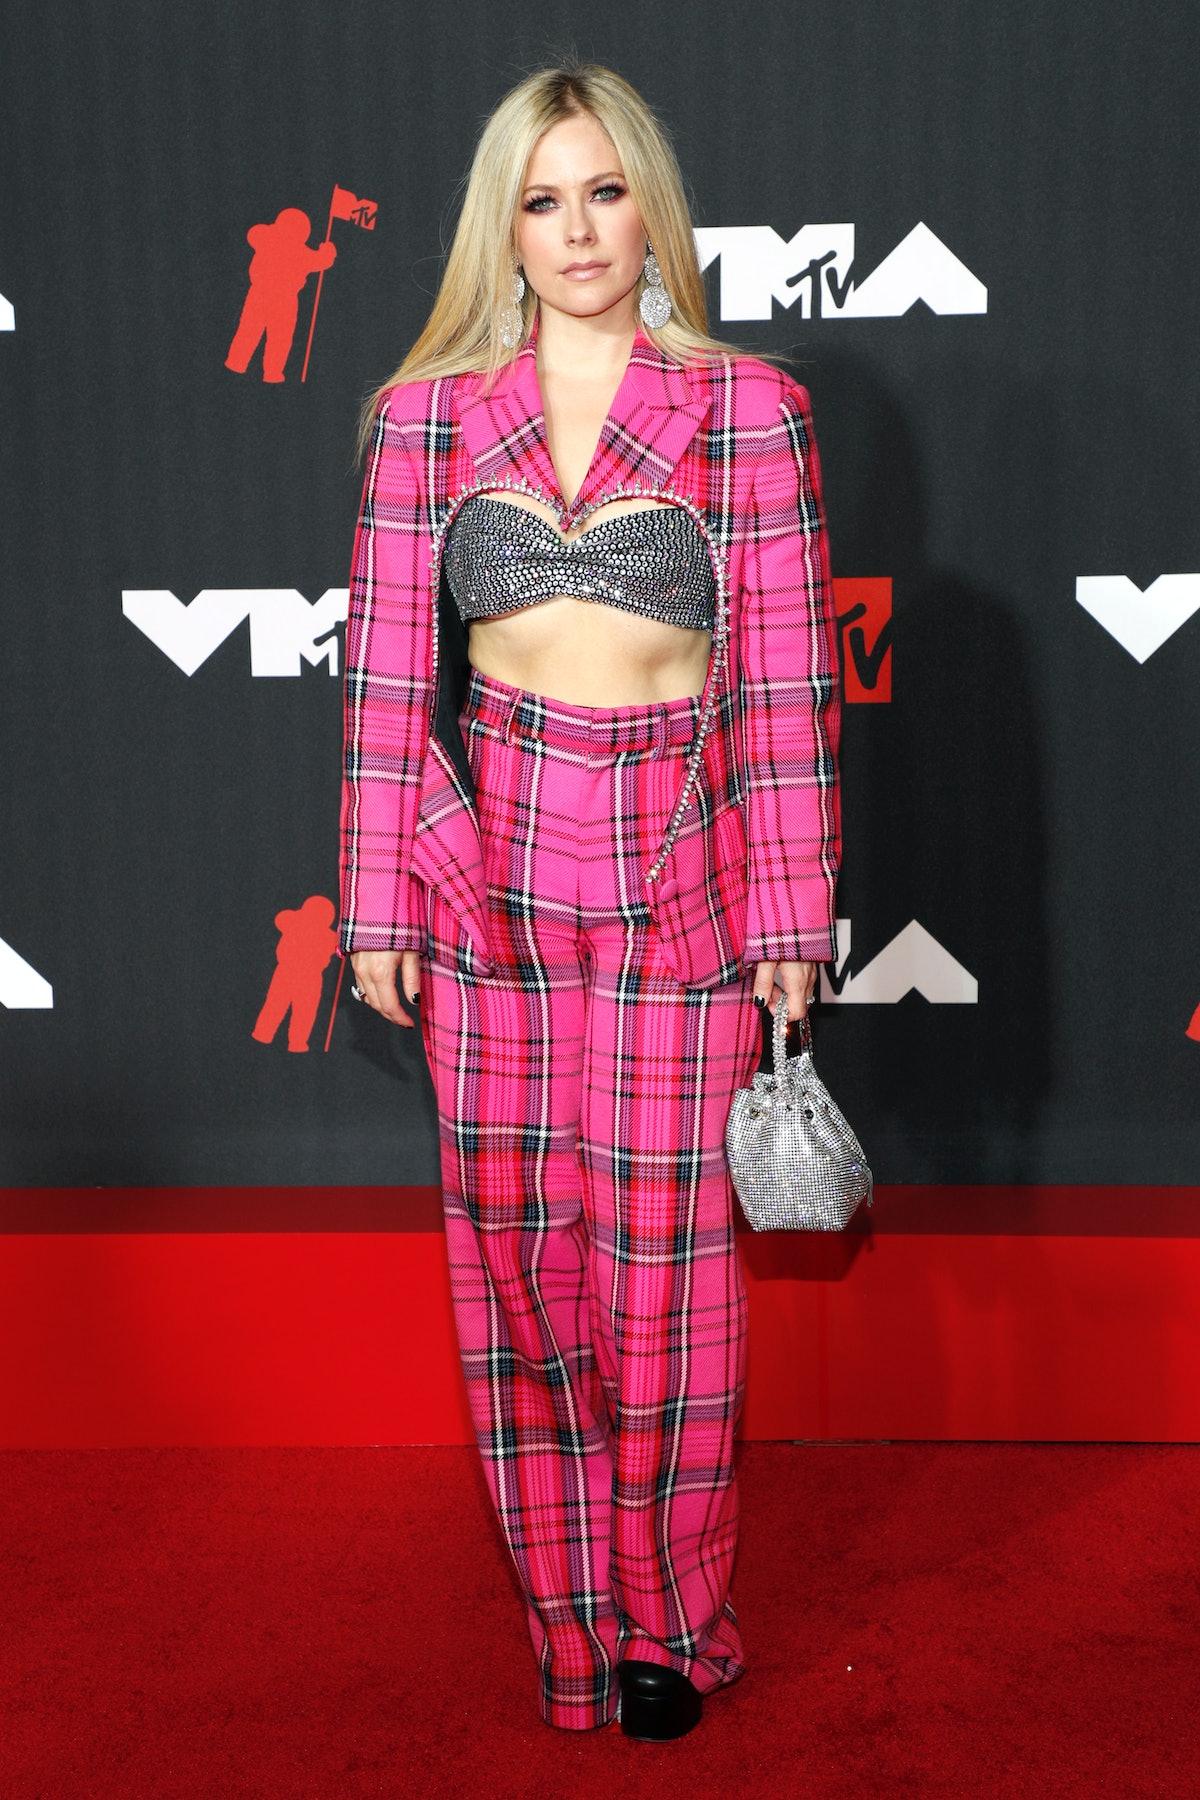 Avril Lavigne at the 2021 VMAs